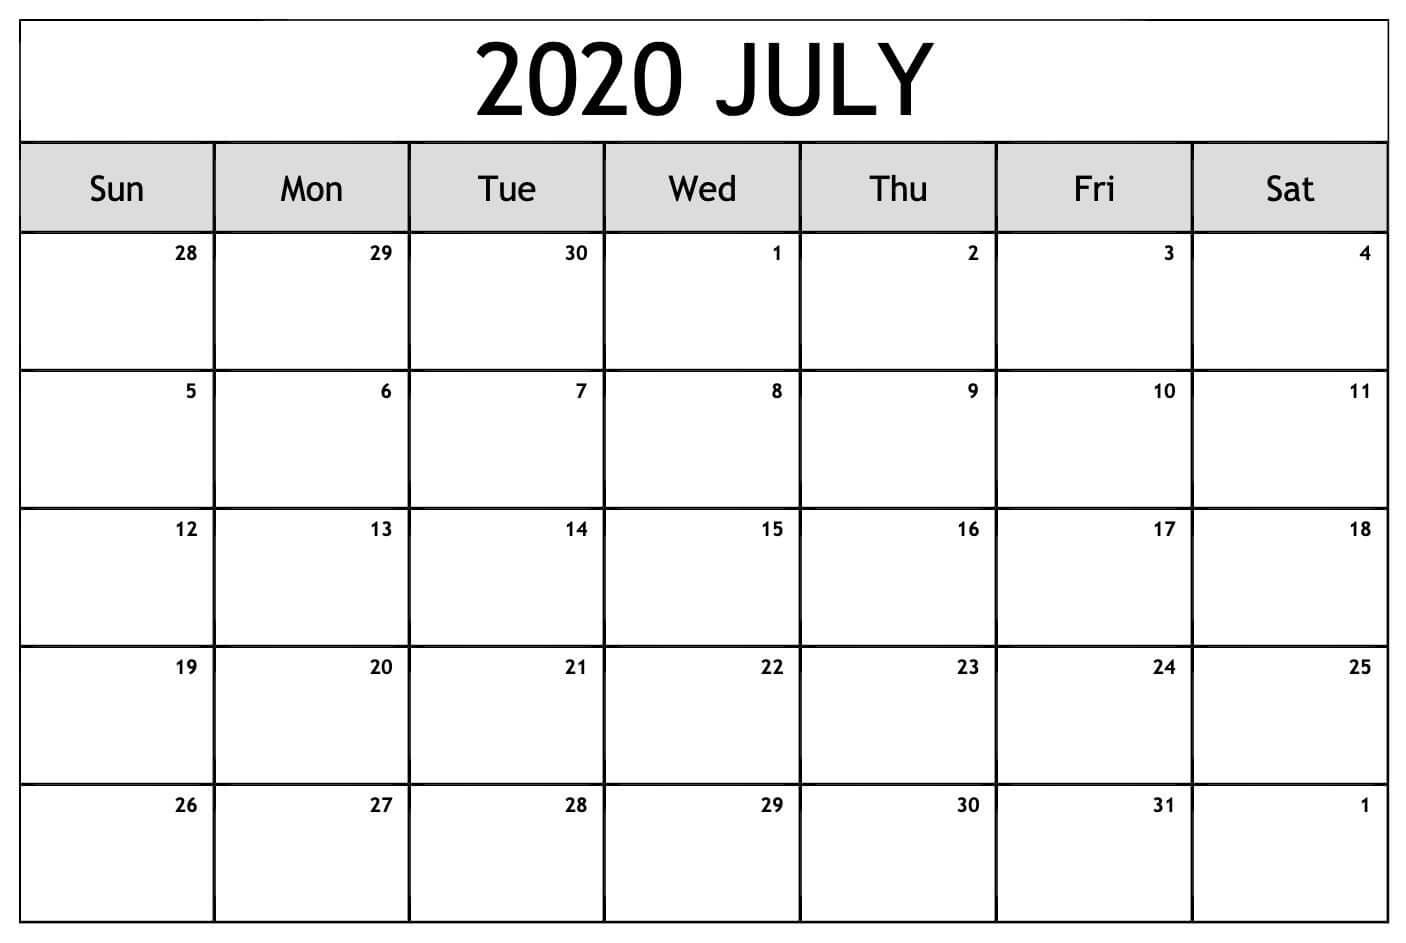 Calendar For July 2020 download